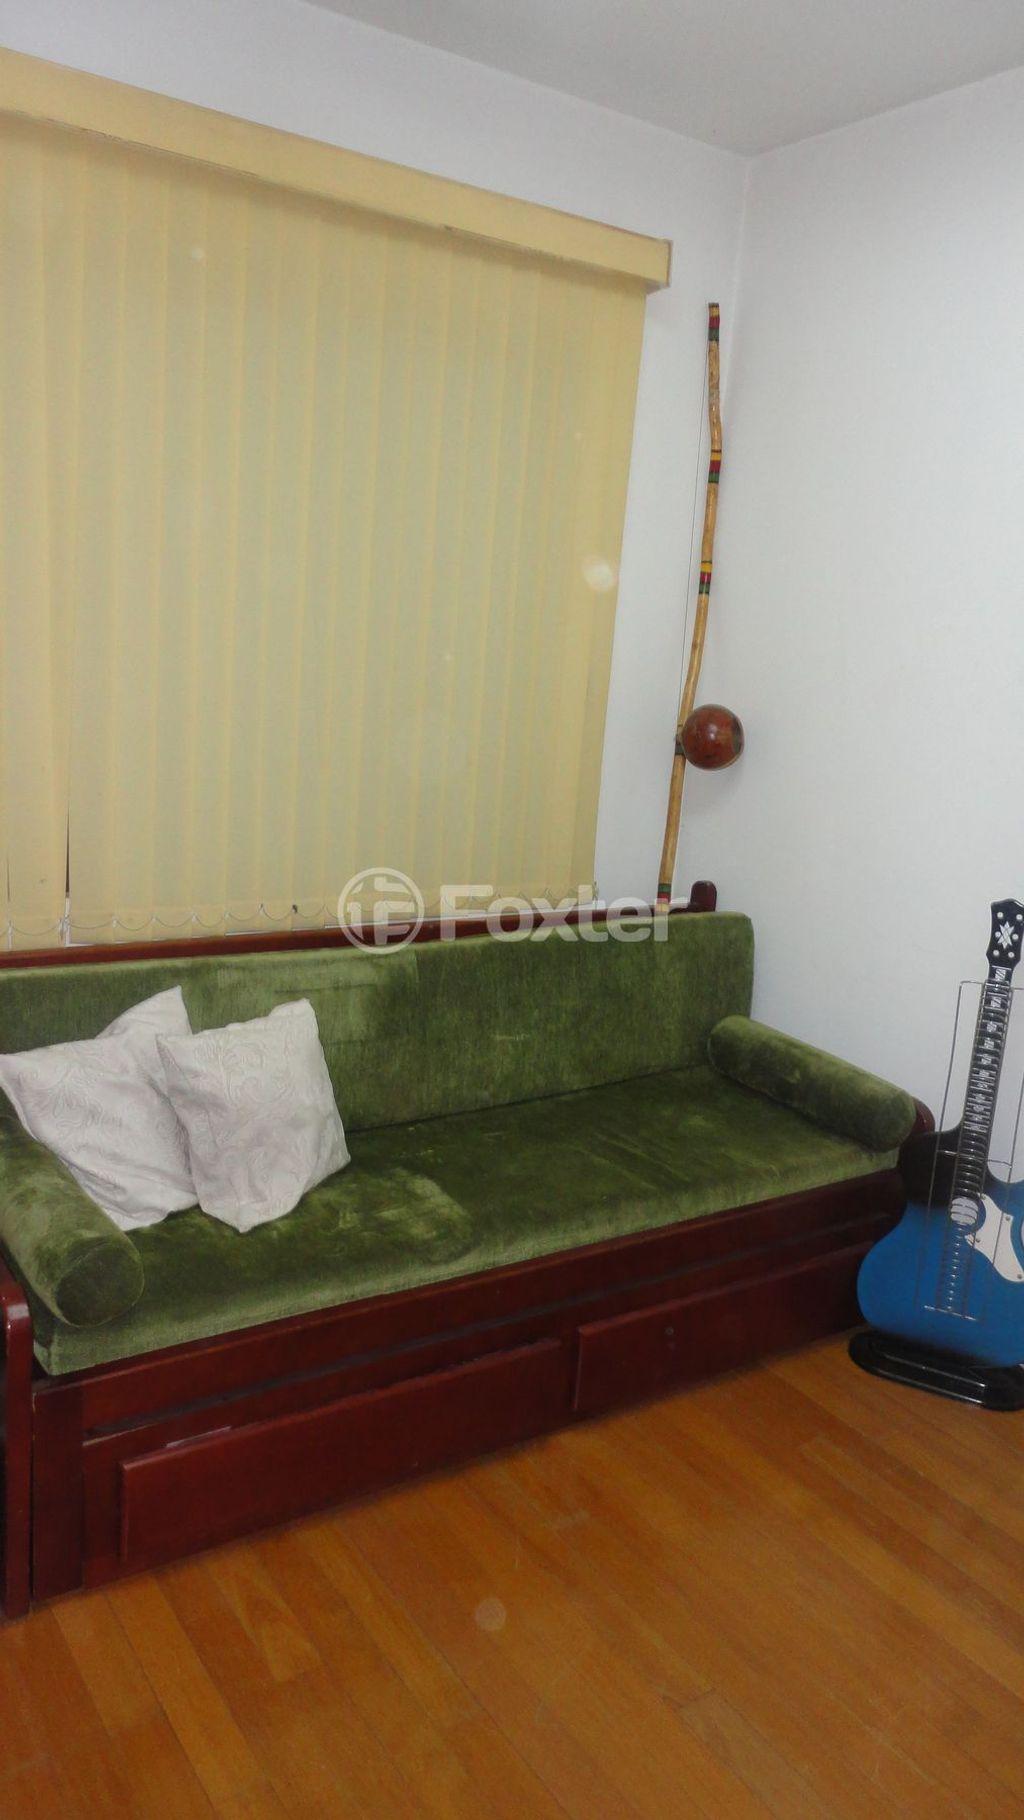 Foxter Imobiliária - Apto 3 Dorm, Sarandi (137810) - Foto 4